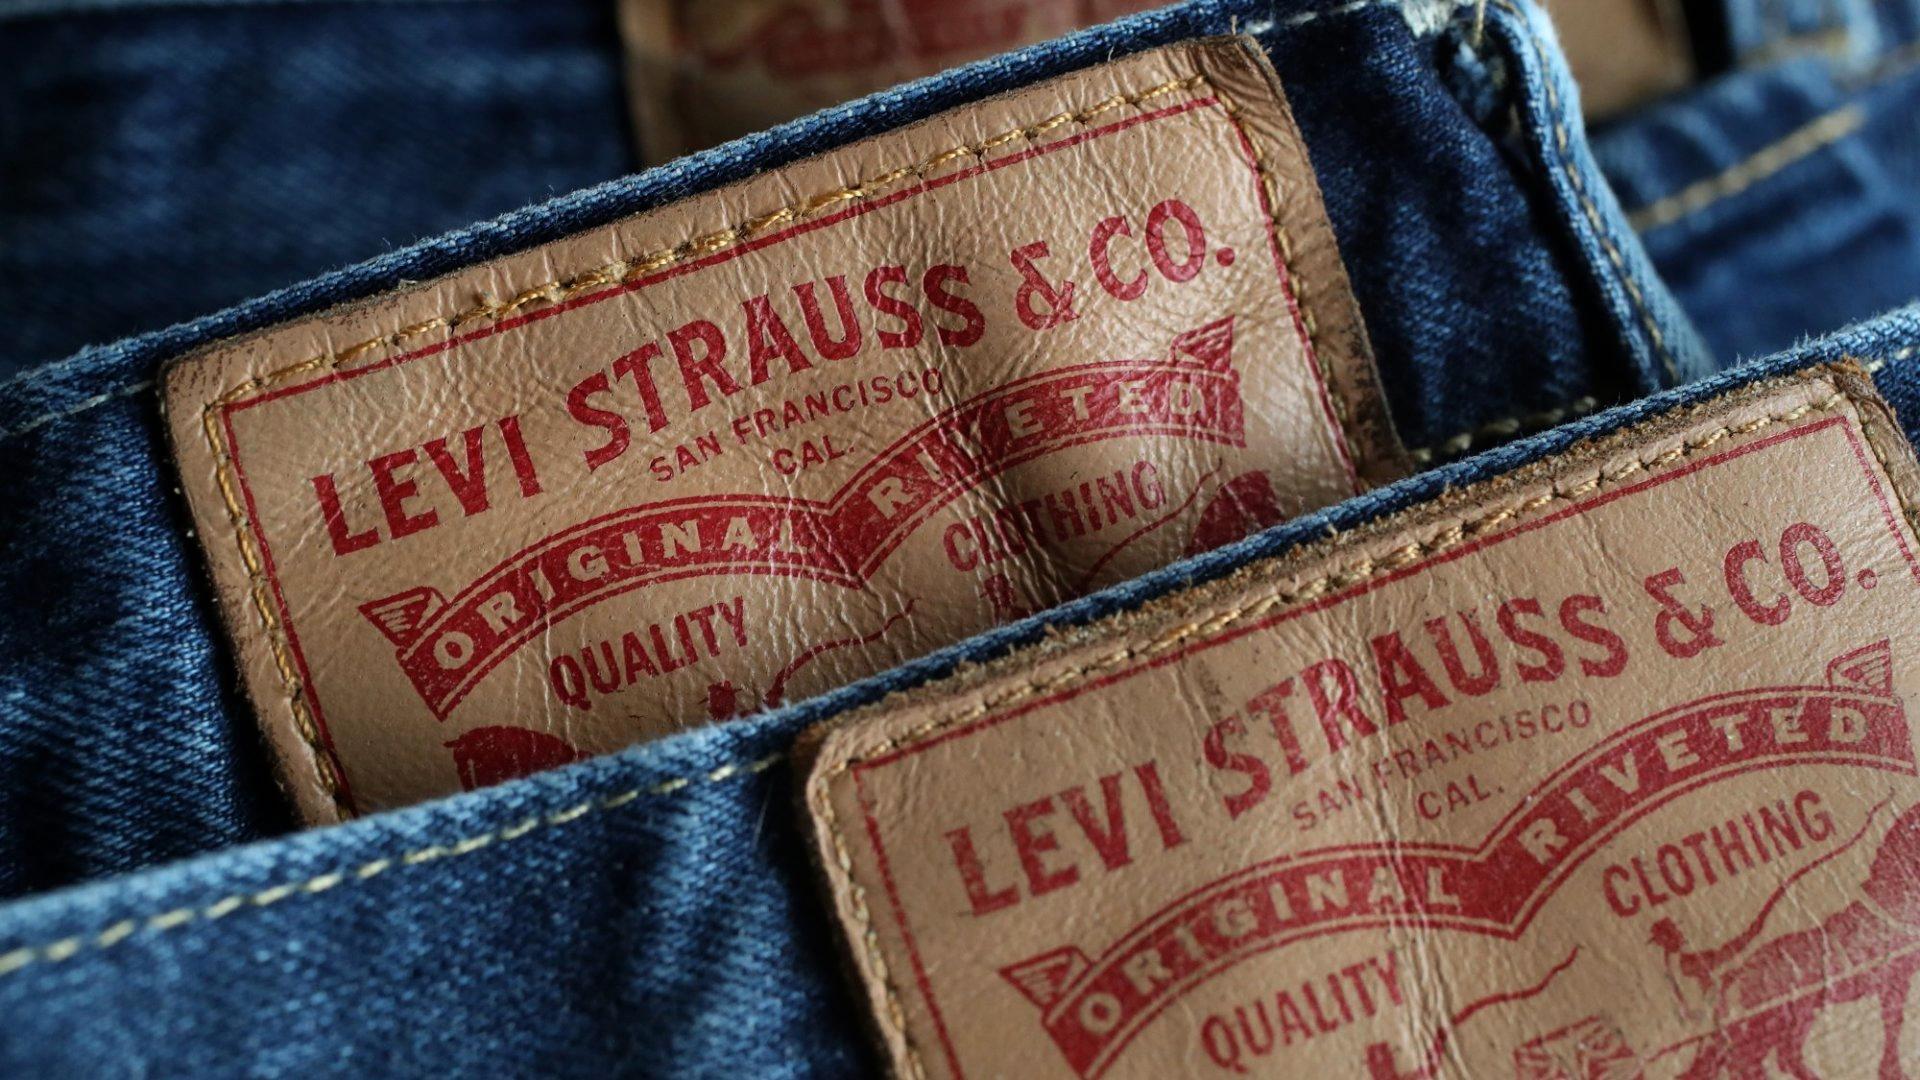 Levi Strauss & Co - первая компания по производству джинсов